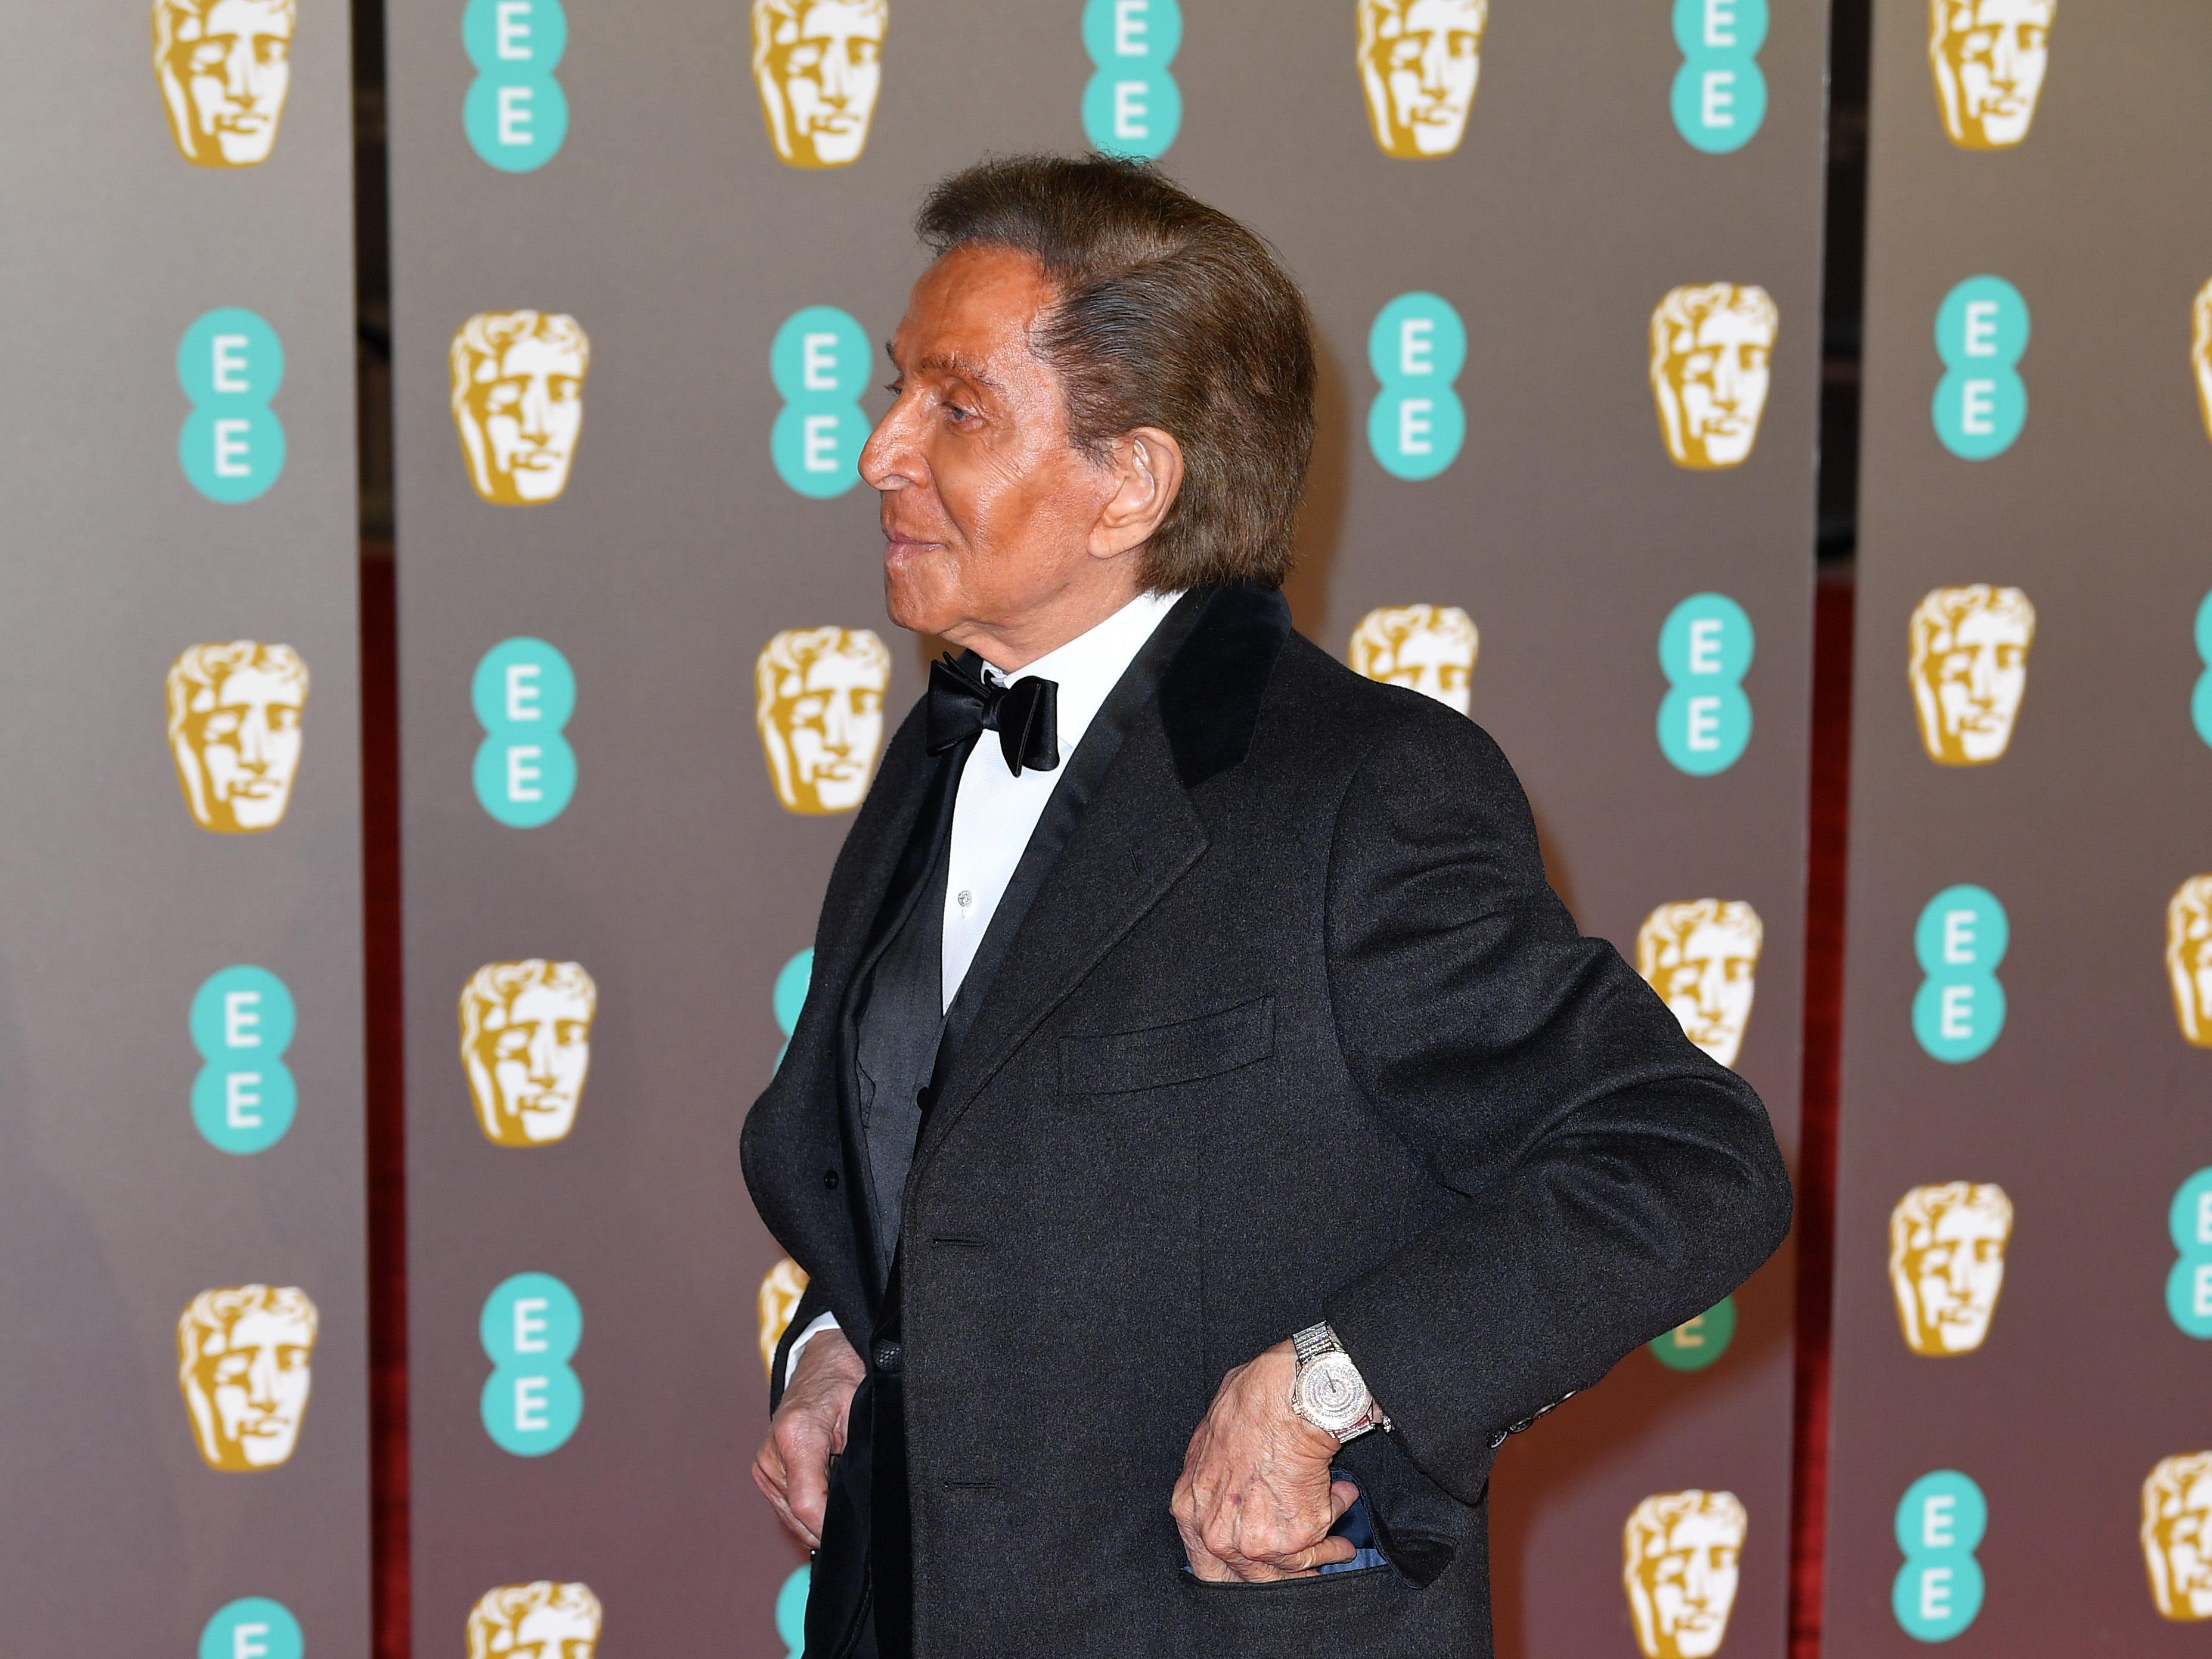 Valentino a su llegada a la alfombra roja de los Premios de la Academia Británica de Cine BAFTA en el Royal Albert Hall en Londres el 10 de febrero de 2019.